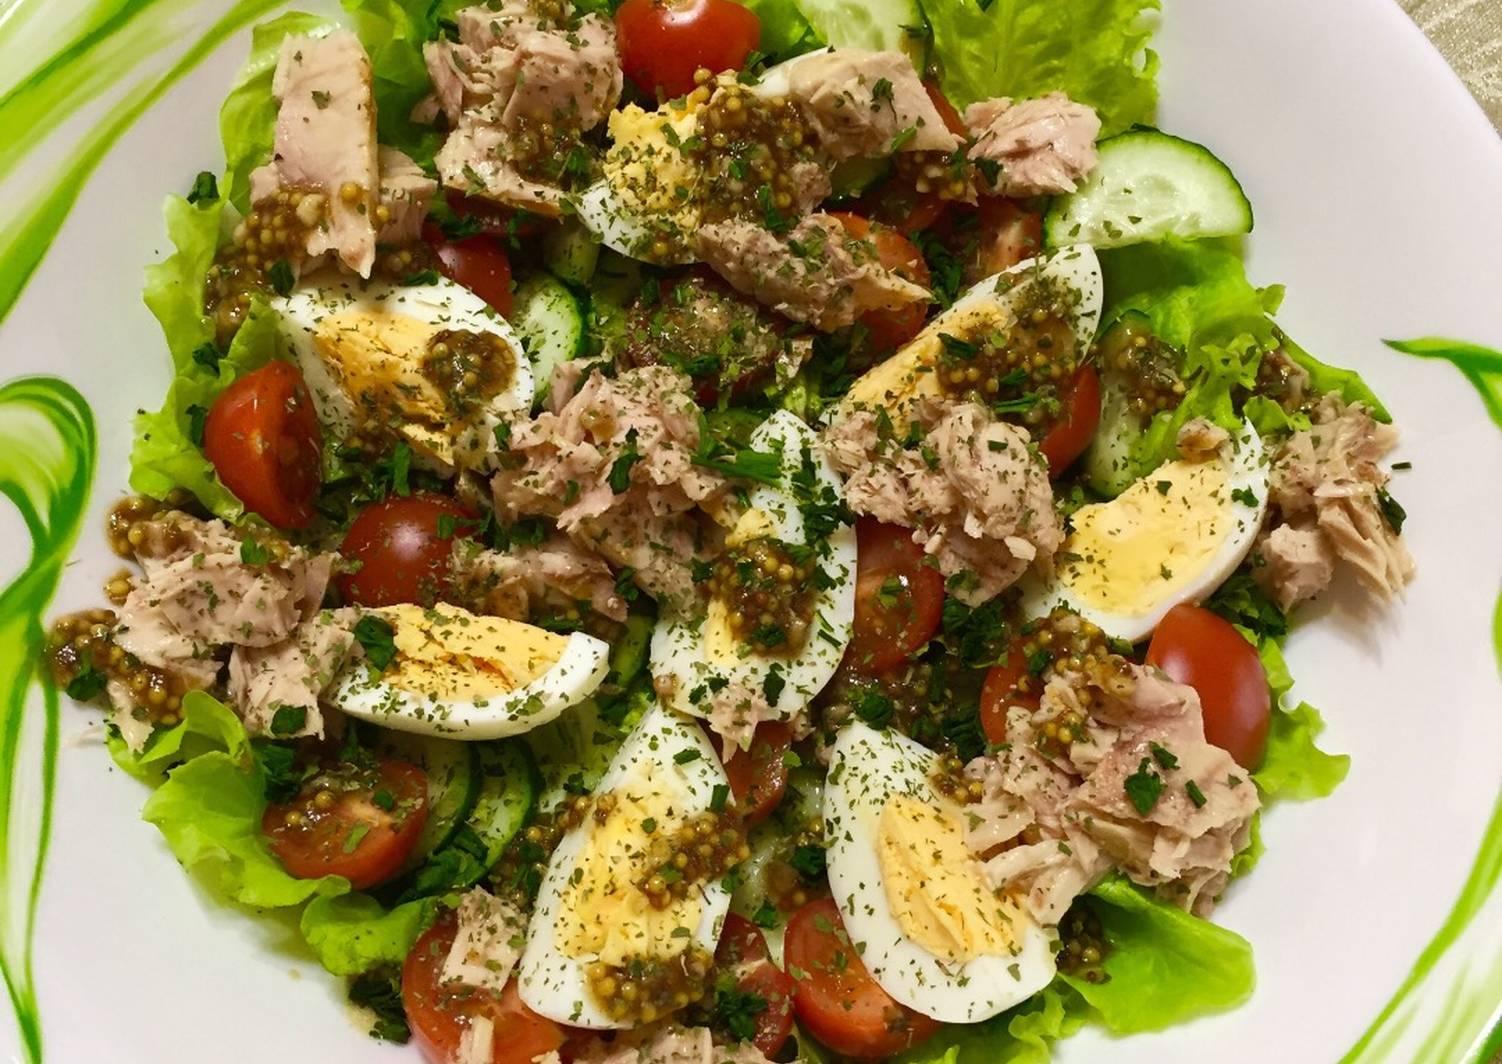 снять заменить салат из тунца рецепт простой с фото делать, если